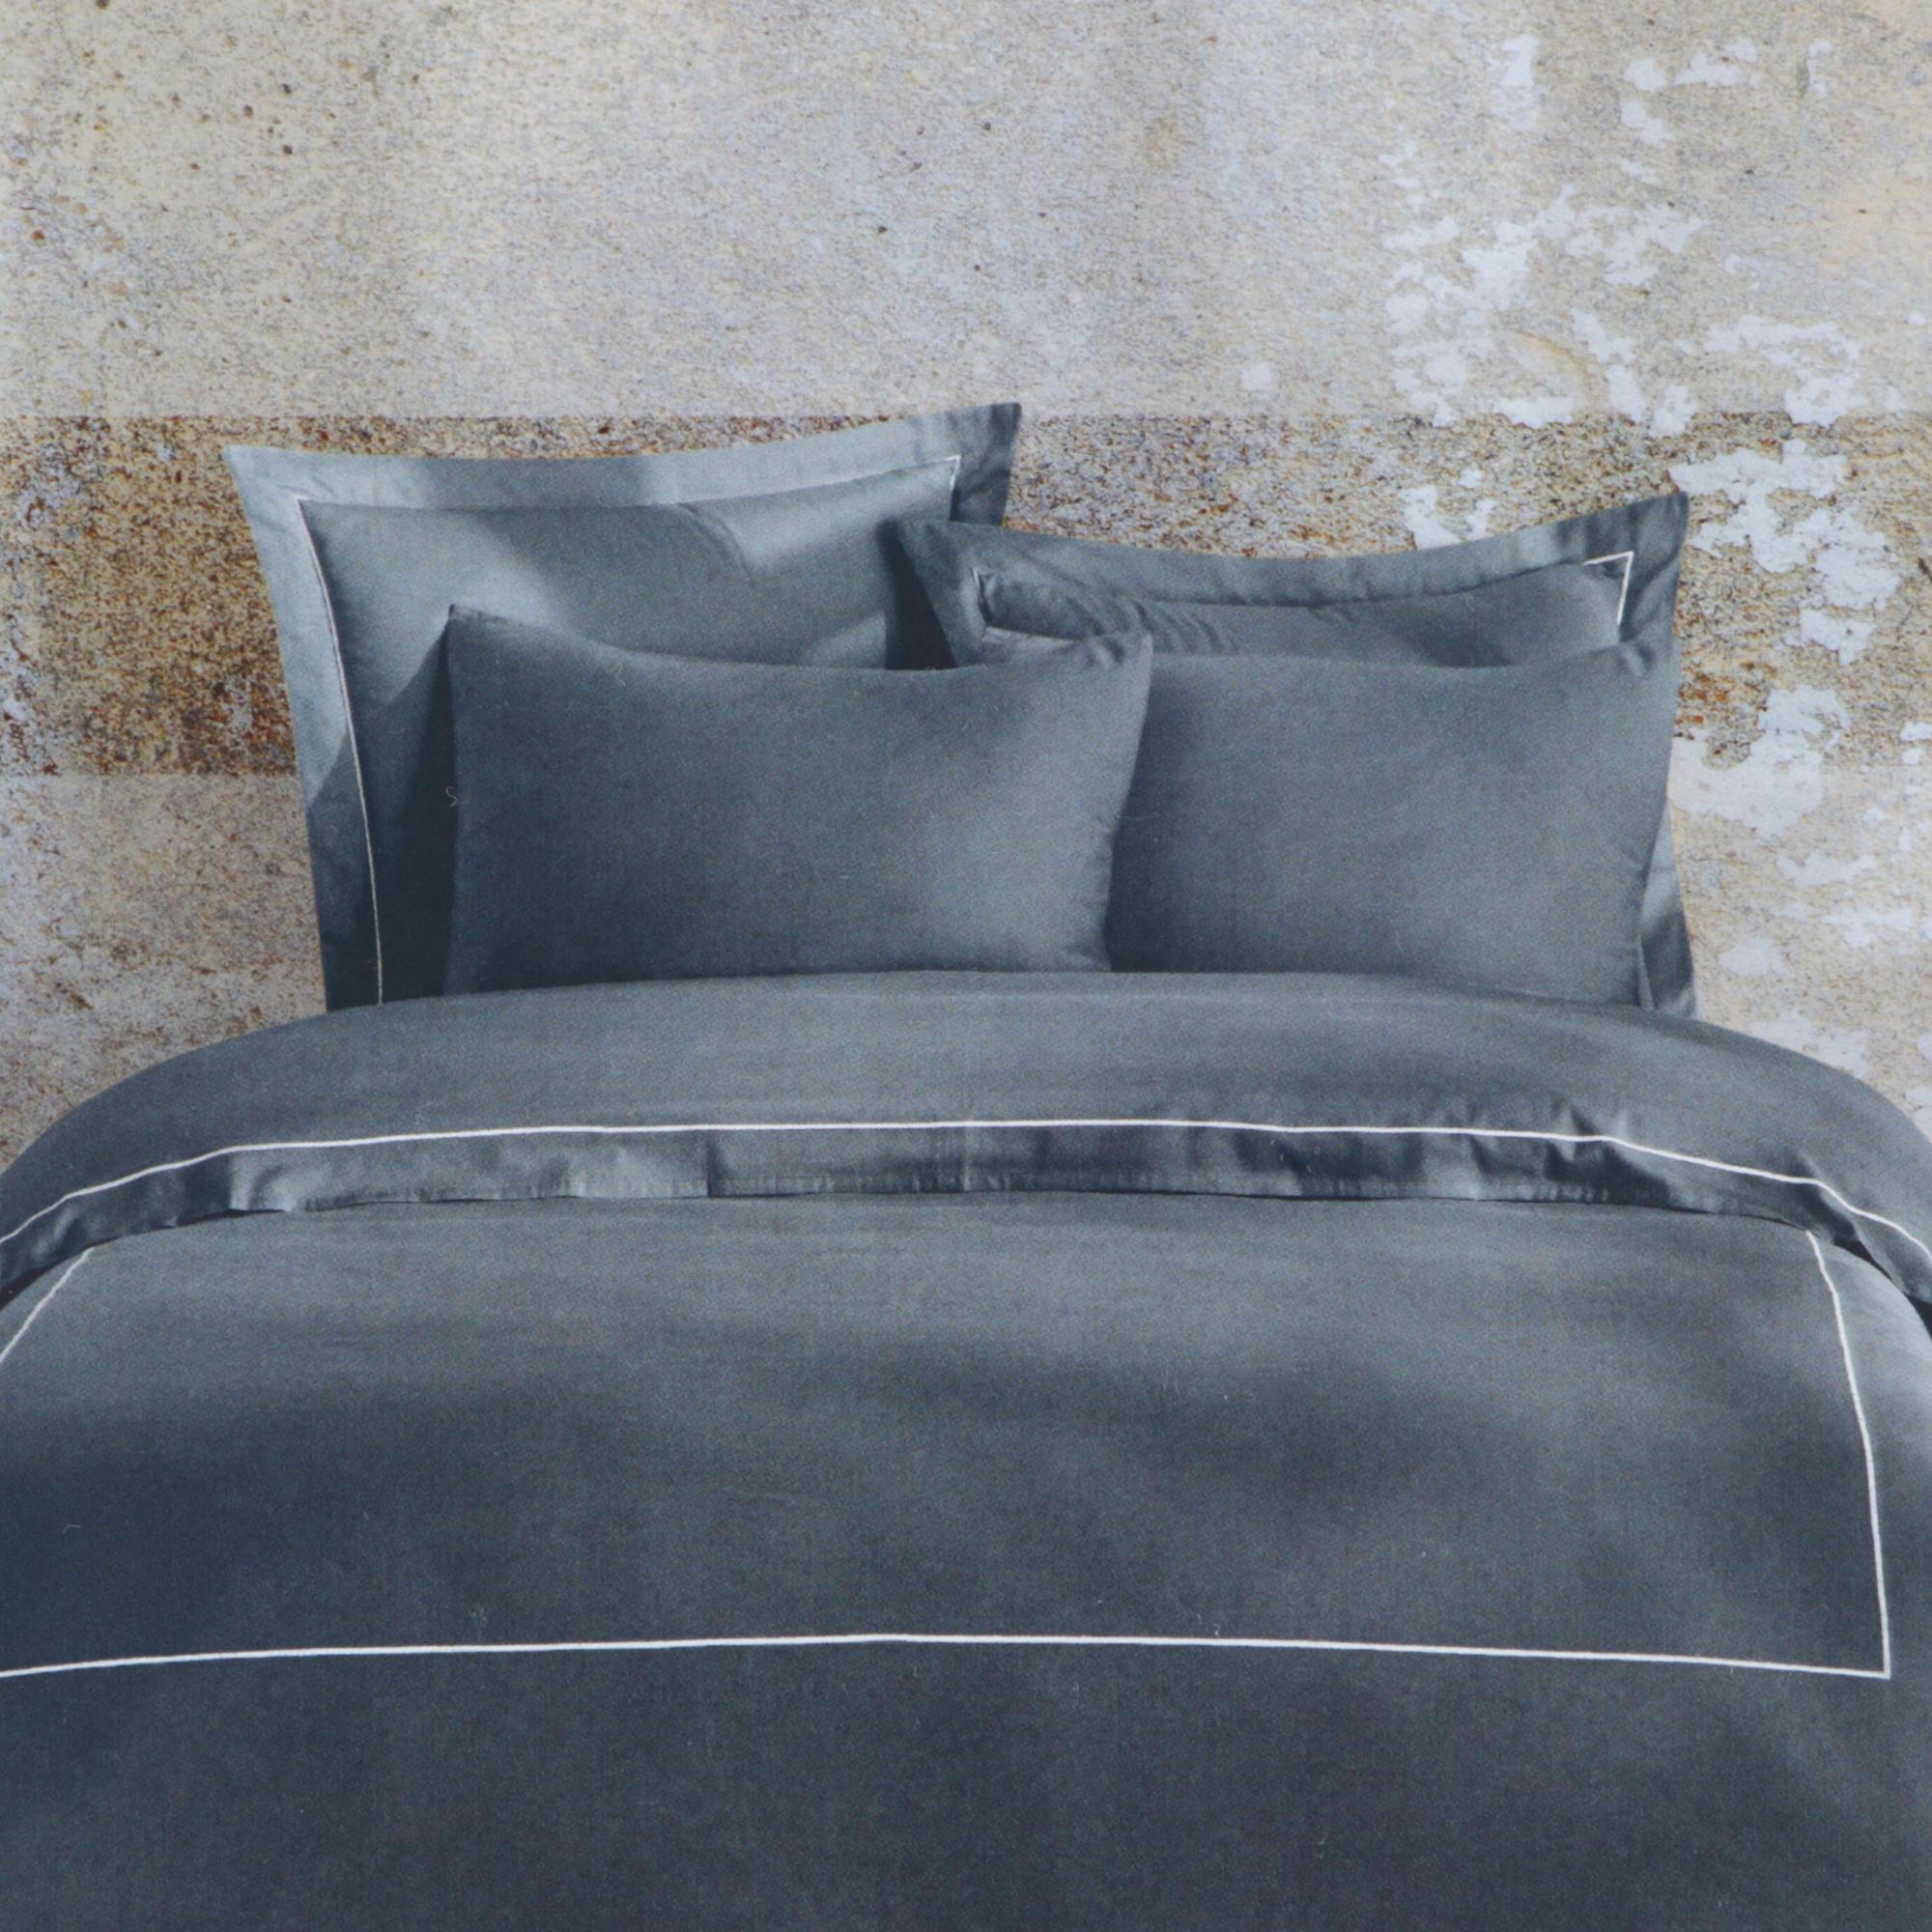 Постельный комплект Bella casa king size pewter / white stripes постельный комплект bella casa 1 5сп white golden olive stripes